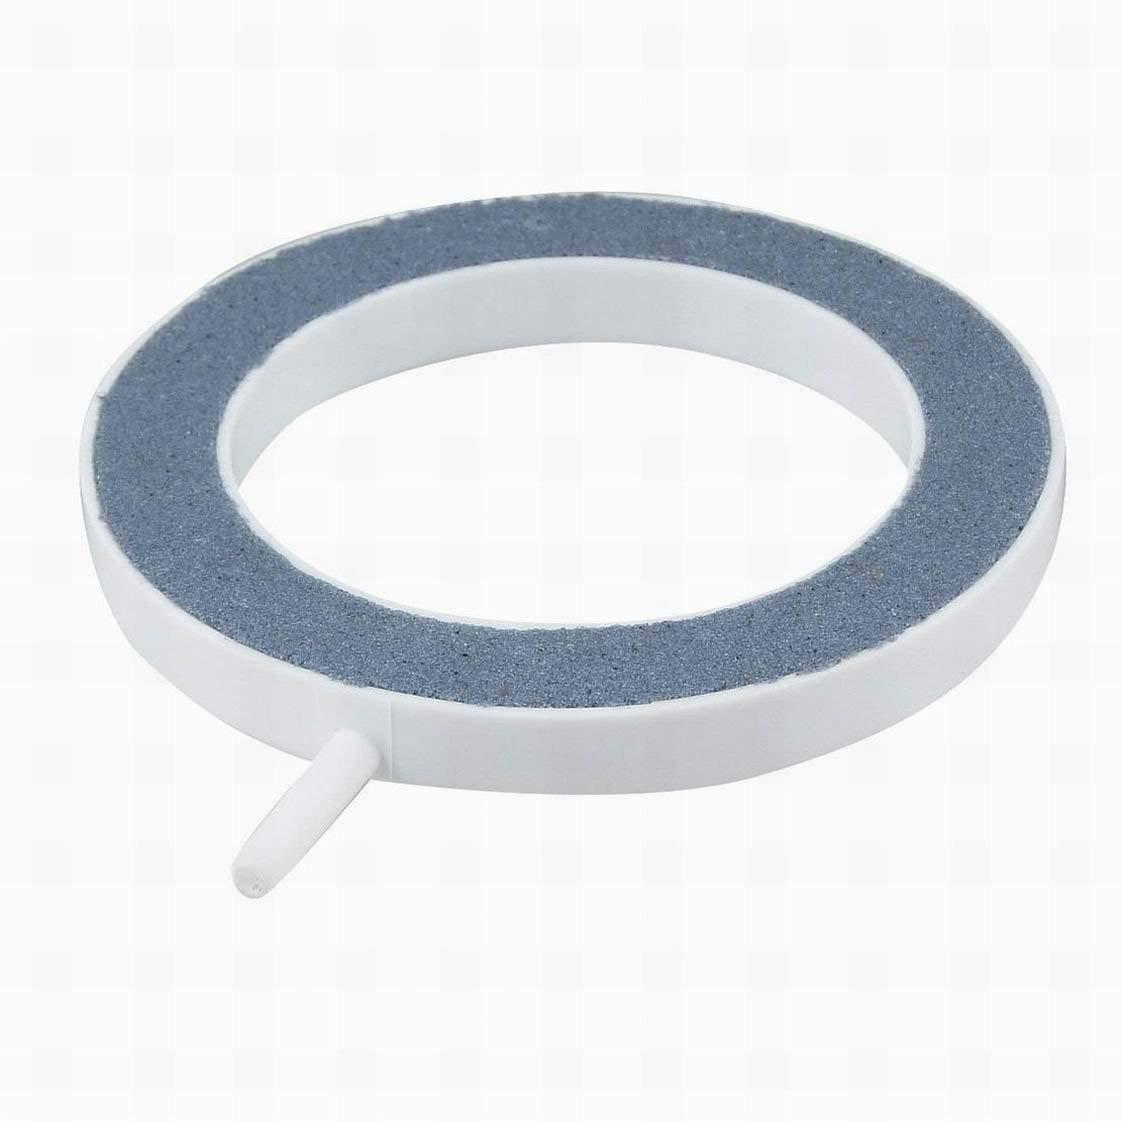 Houseuse Aquarium Bubbles Airstone, 5mm Hose, Blue/White